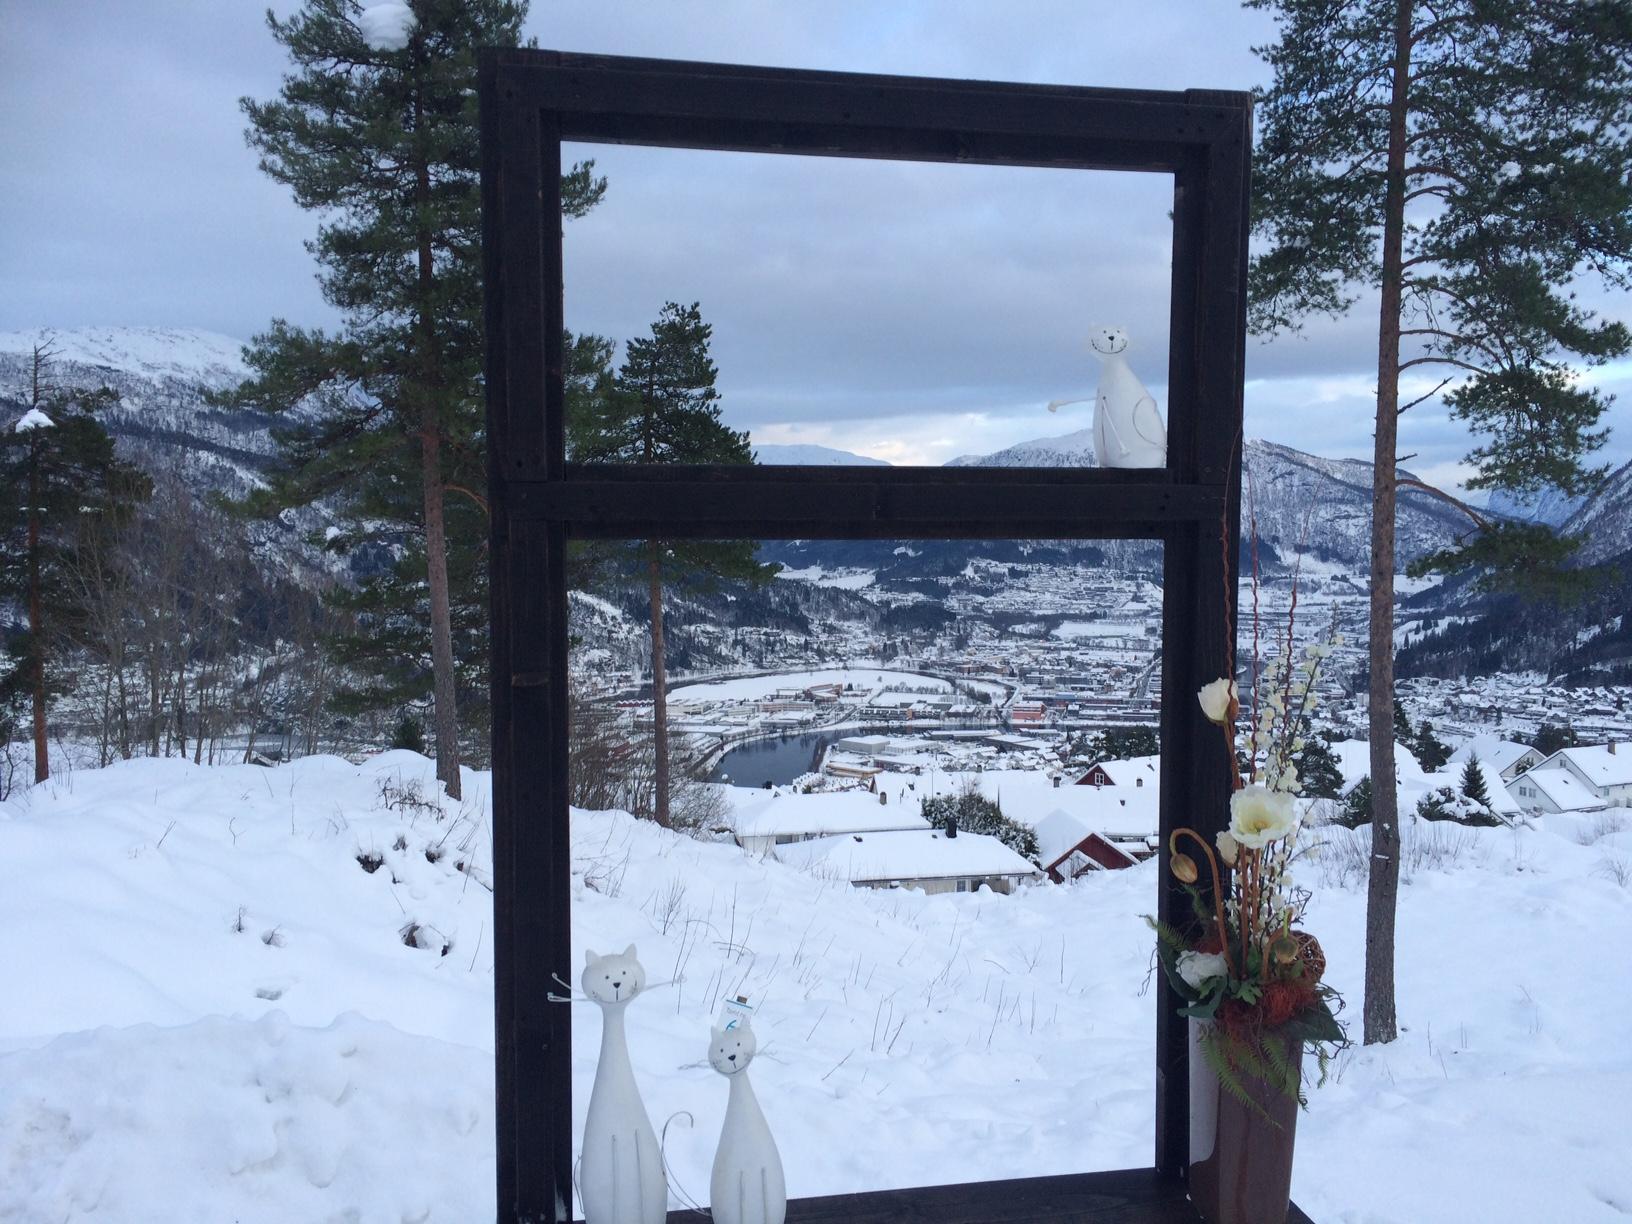 Vinnarar fotokonkurranse - Det blei trekt tre vinnarar i fotokonkurransen i Gravdalsholten 18. mars 2019. Desse er:Marie Solheimslid Manza Alisa Liv Janne Bell Jonstad